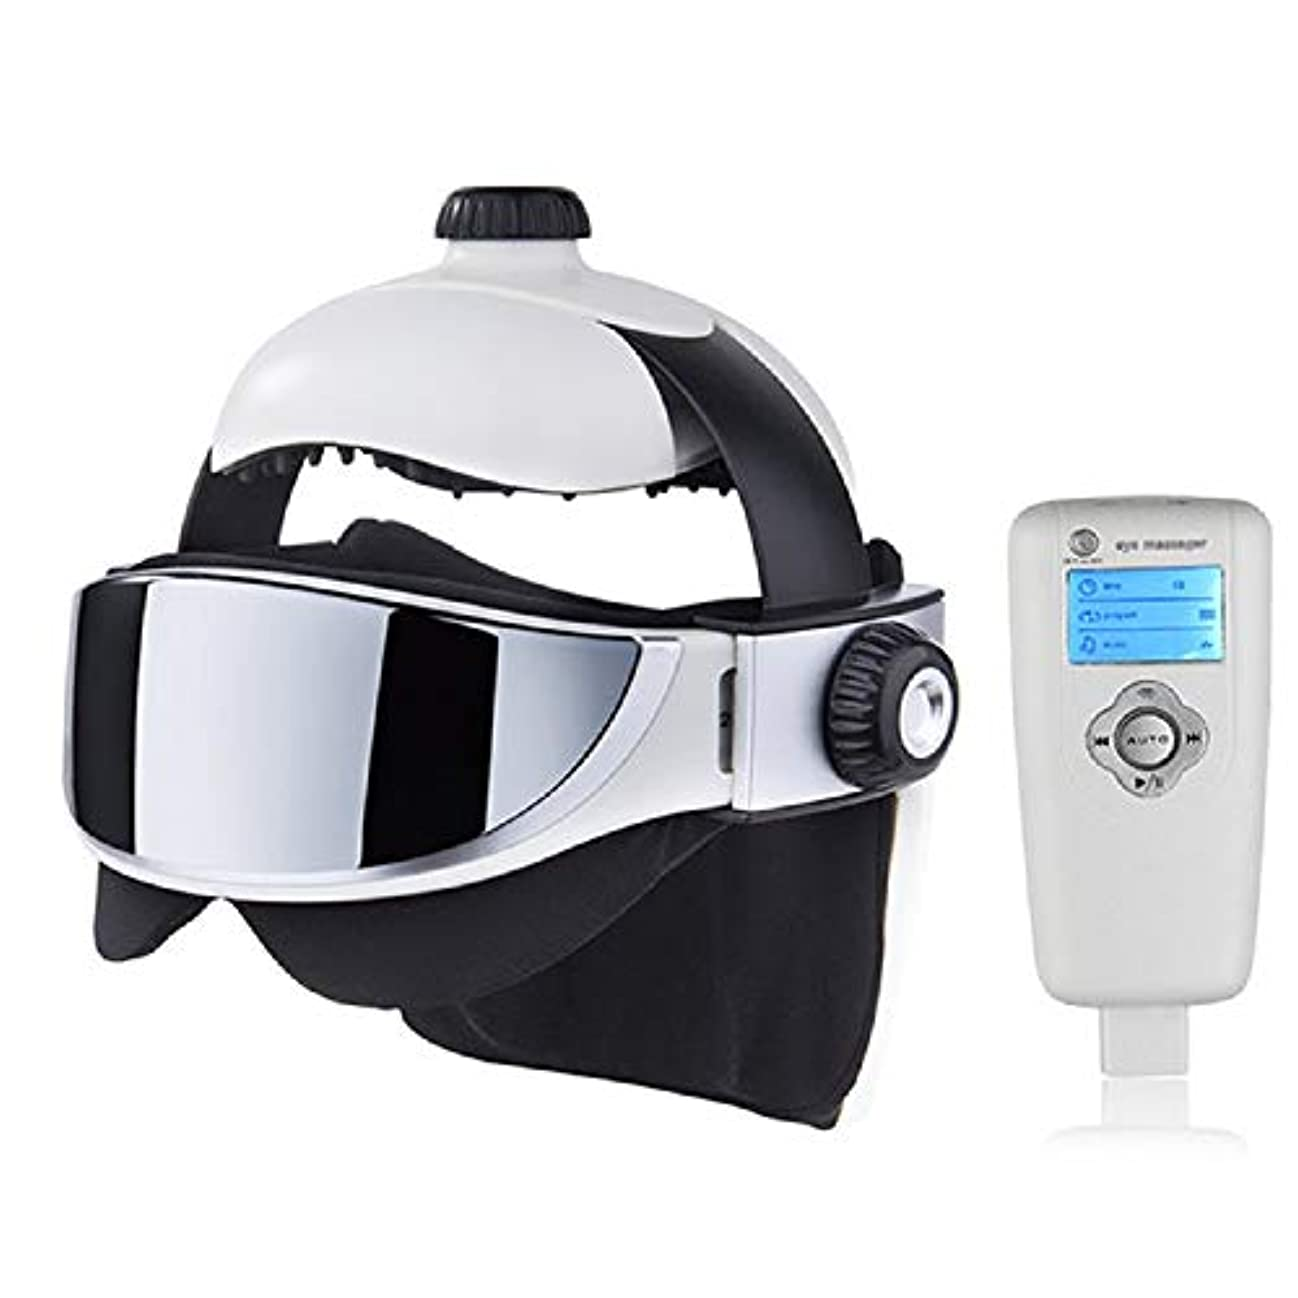 海里知事スカリーMeet now 高度な圧子2イン1ヘッドマッサージ、アイマッサージ、高度な音楽マッサージヘルメットデザイン 品質保証